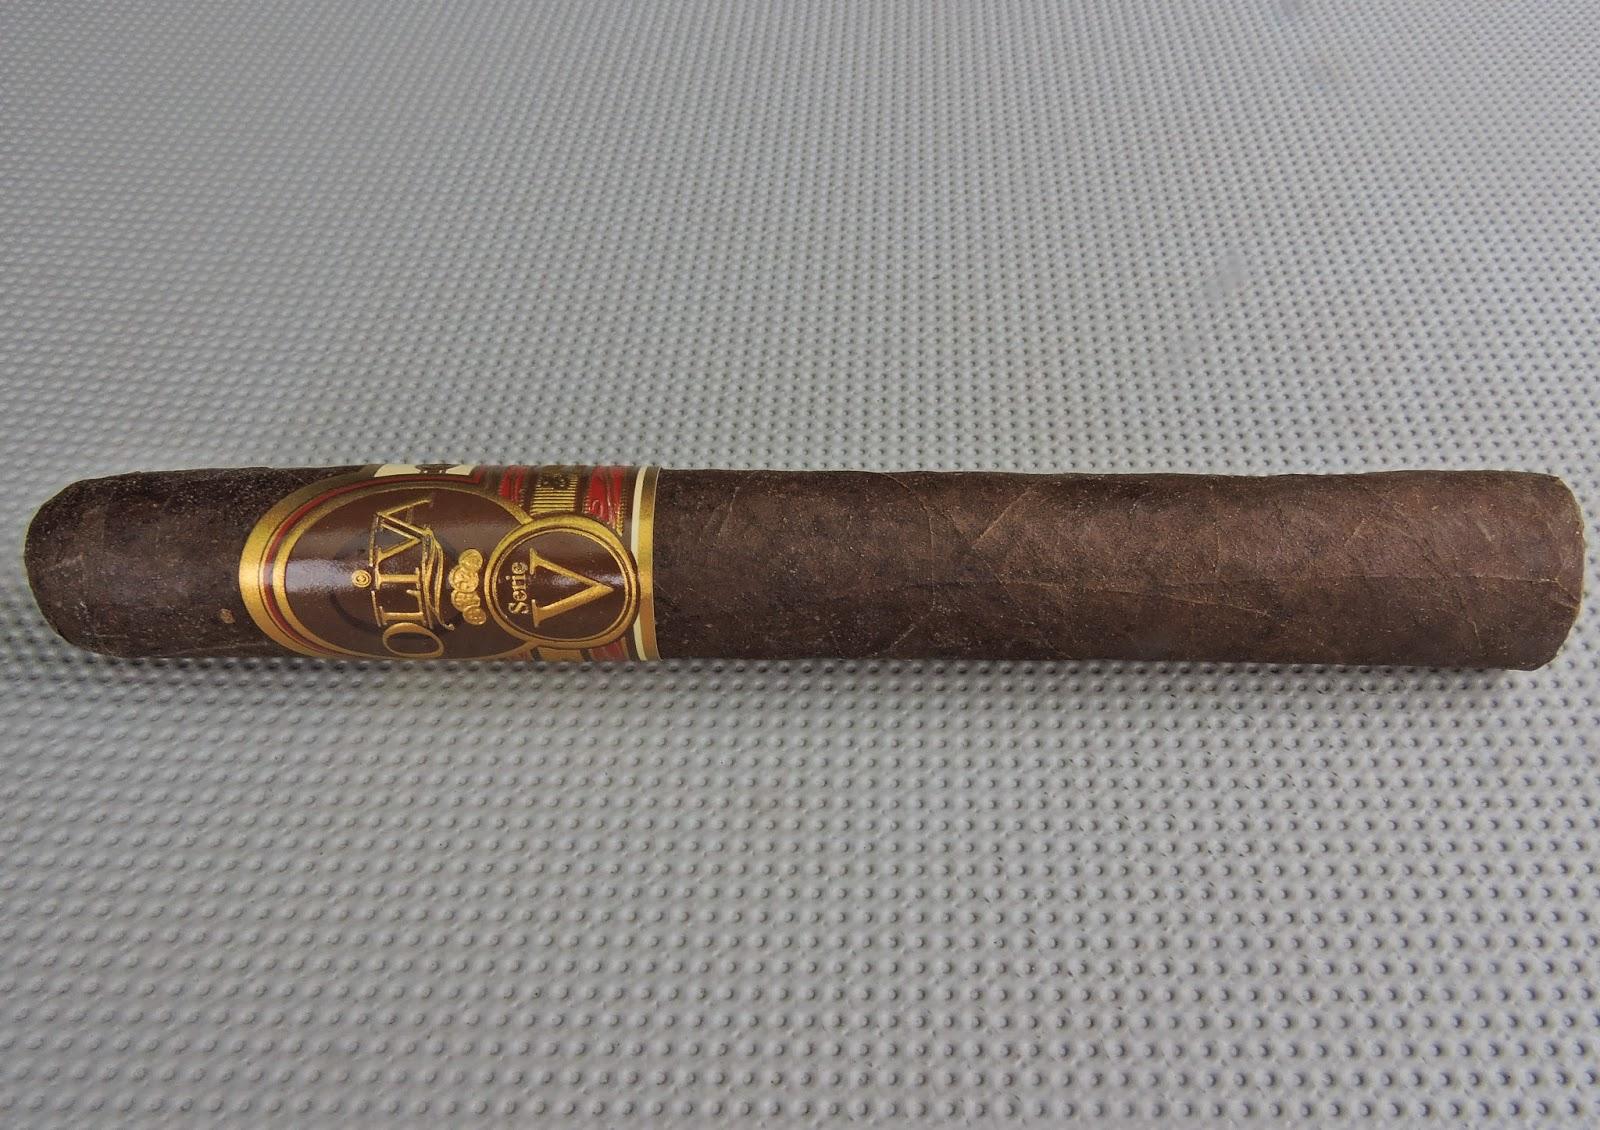 Agile Cigar Review: Oliva Serie V Maduro Especial 2012